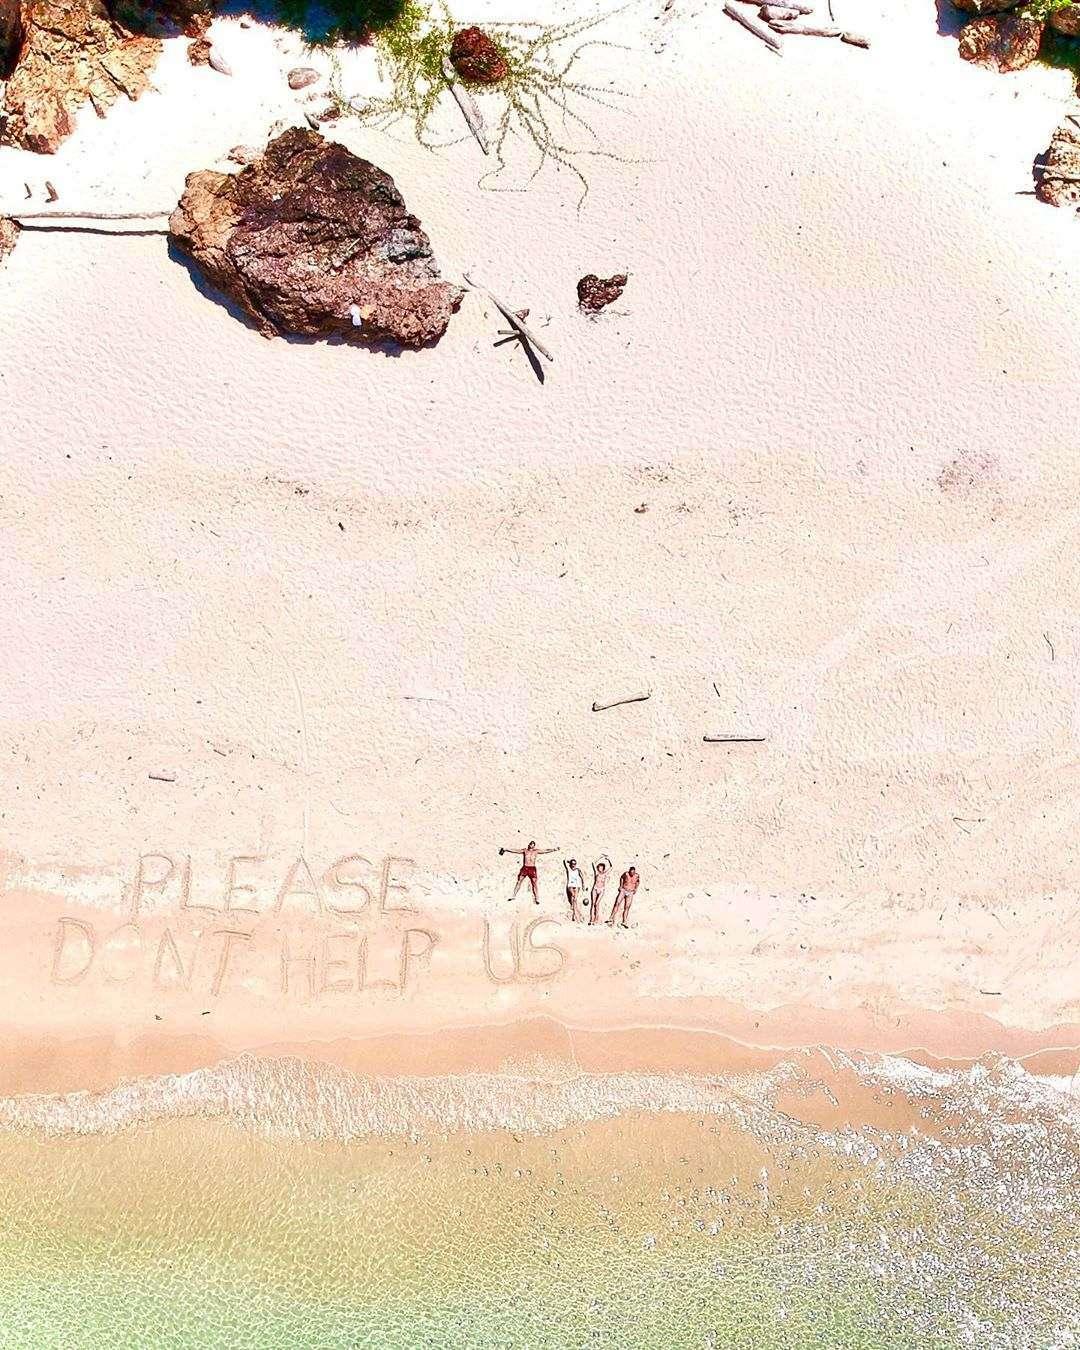 Please don't help us geschreven in het zand van het strand van Koh Kradan gezien vanaf een drone